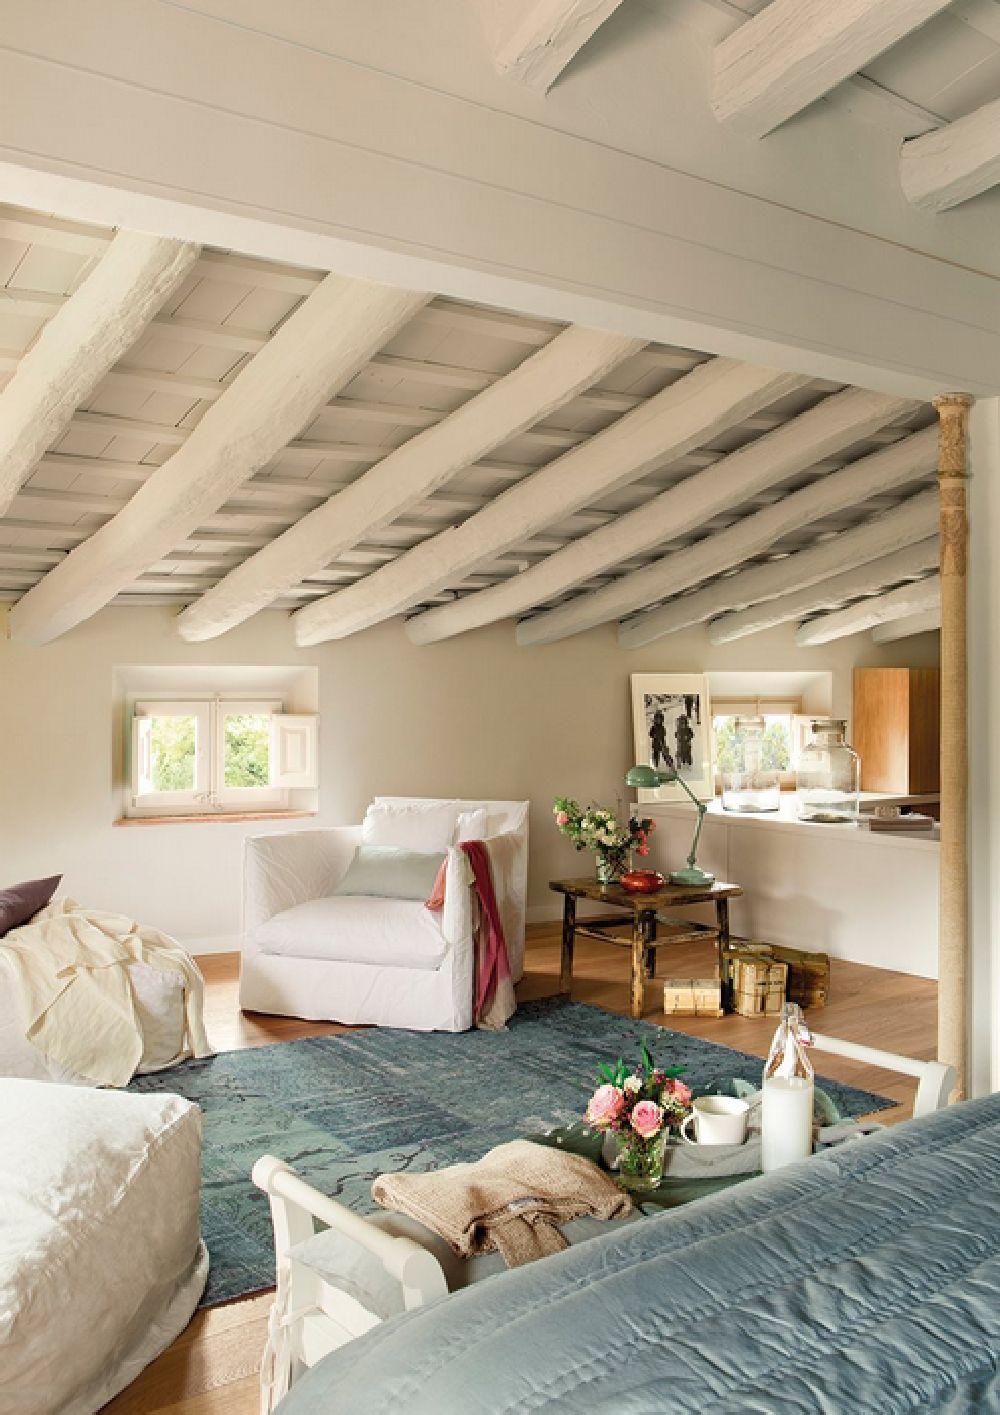 adelaparvu.com despre casa rustica catalana cu interior elegant decorat, design interior Gemma Mateos, Foto ElMueble (14)